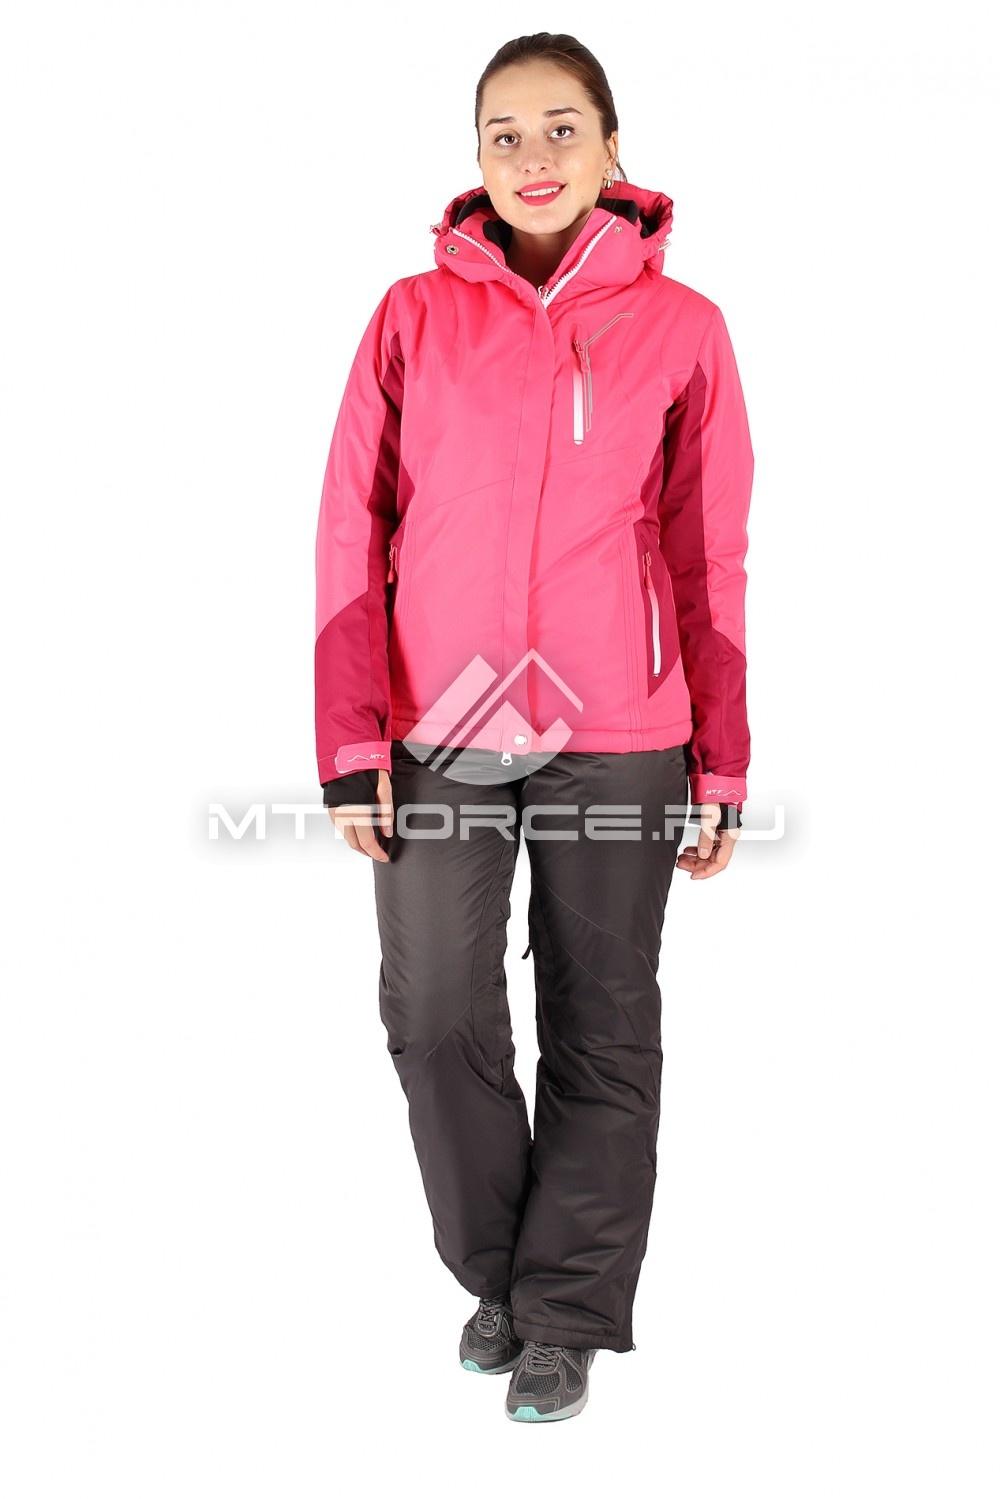 Купить                                  оптом Костюм горнолыжный женский розового цвета 01517R